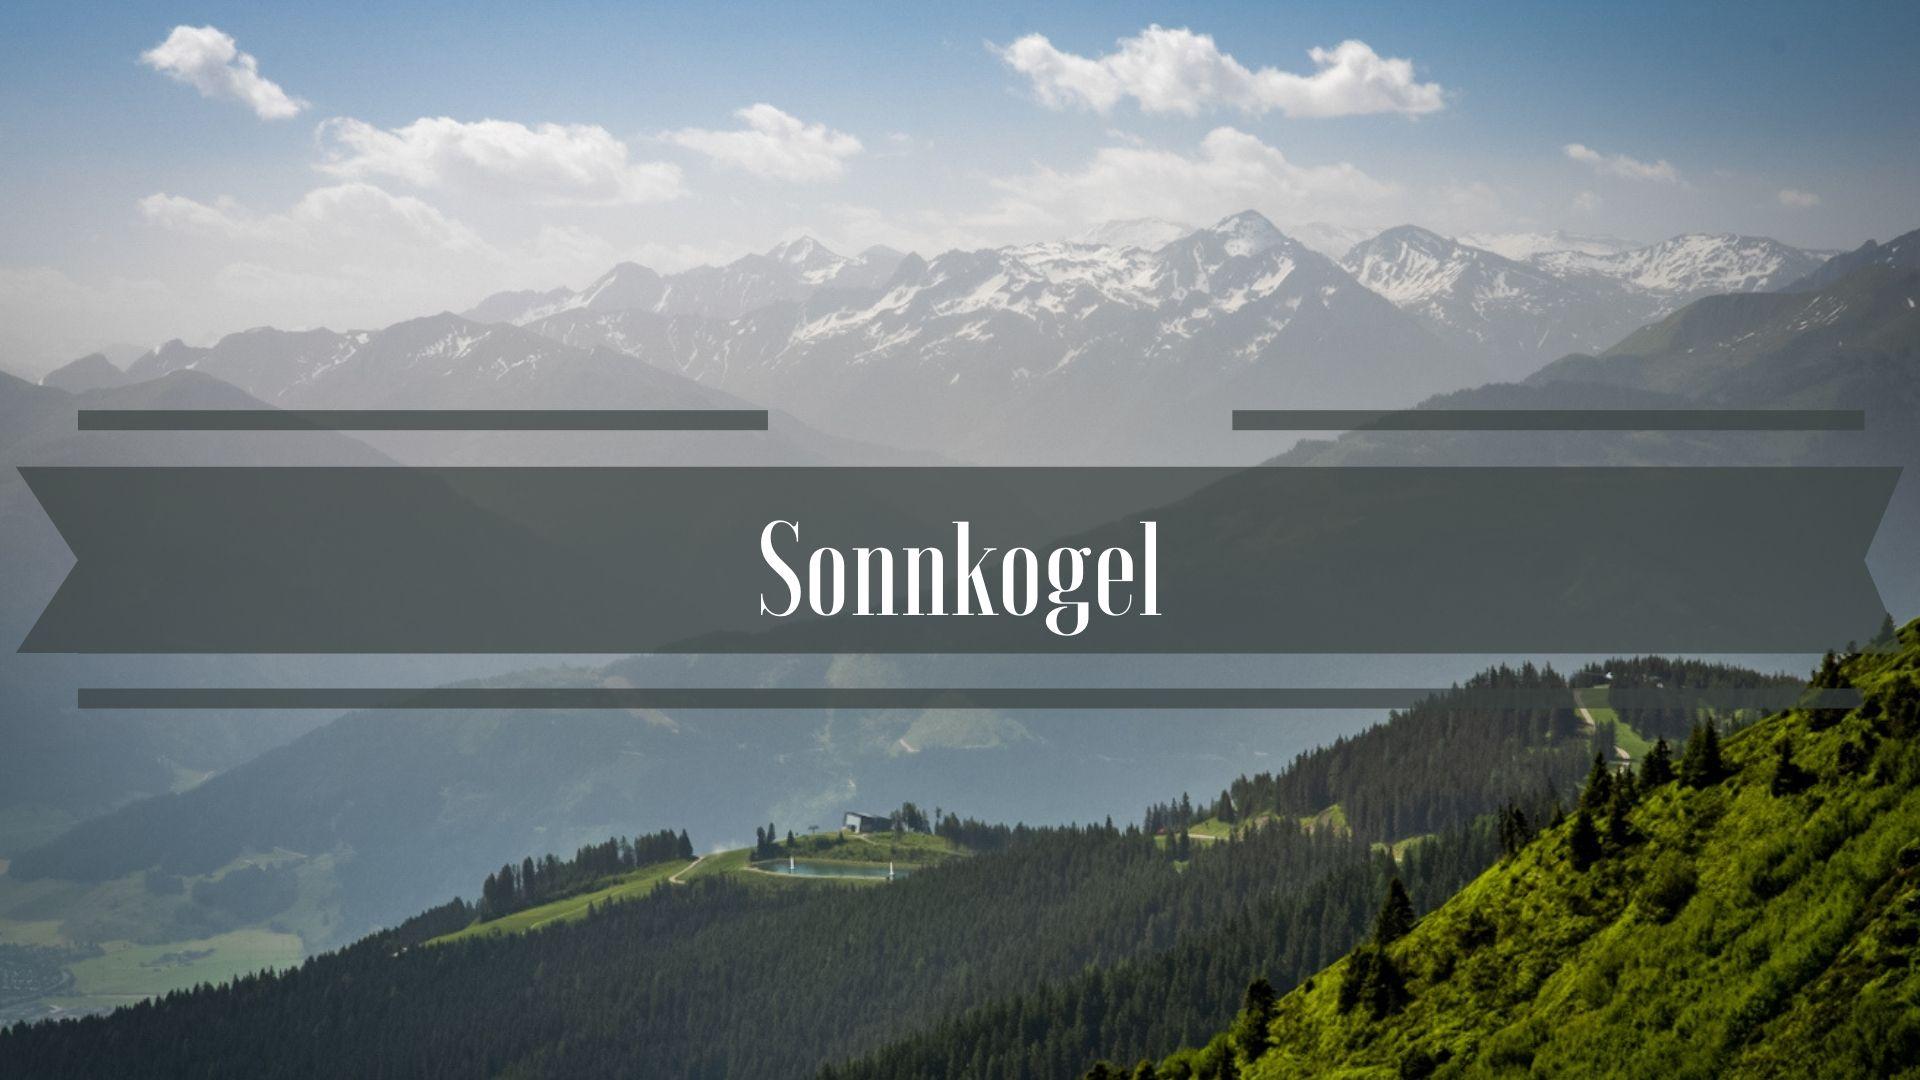 Alpy Sonnkogel Schmittenhöhe Zell am See